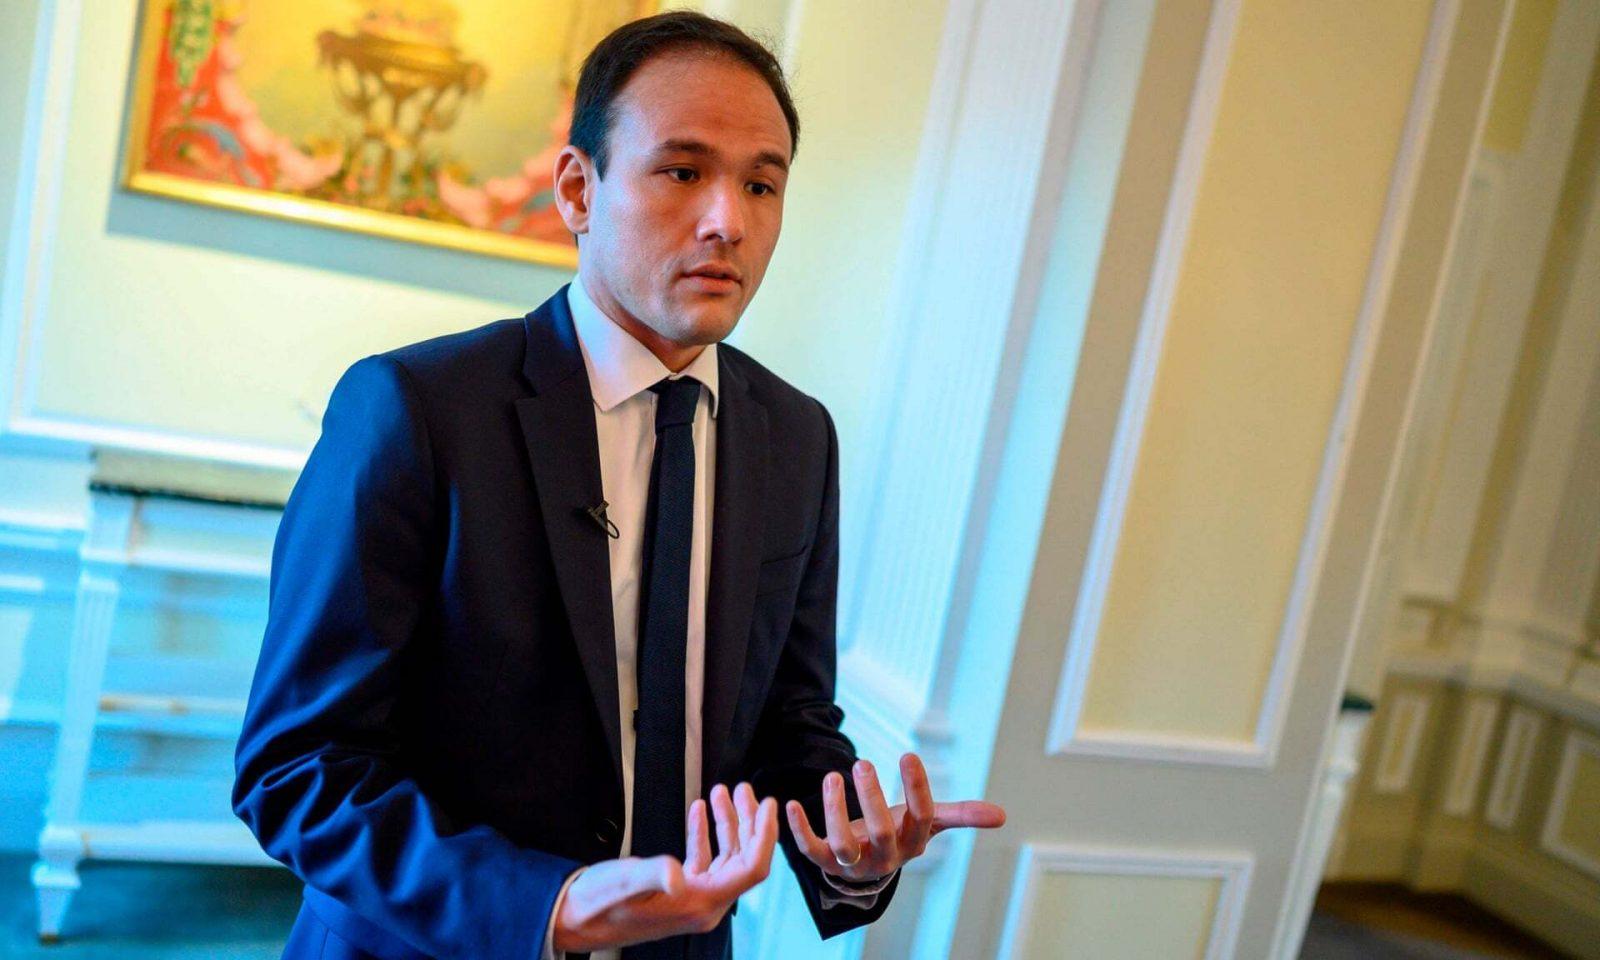 Le ministre chargé du numérique, Cédric O, annonce que la taxe sur les géants du web n'est qu'un début